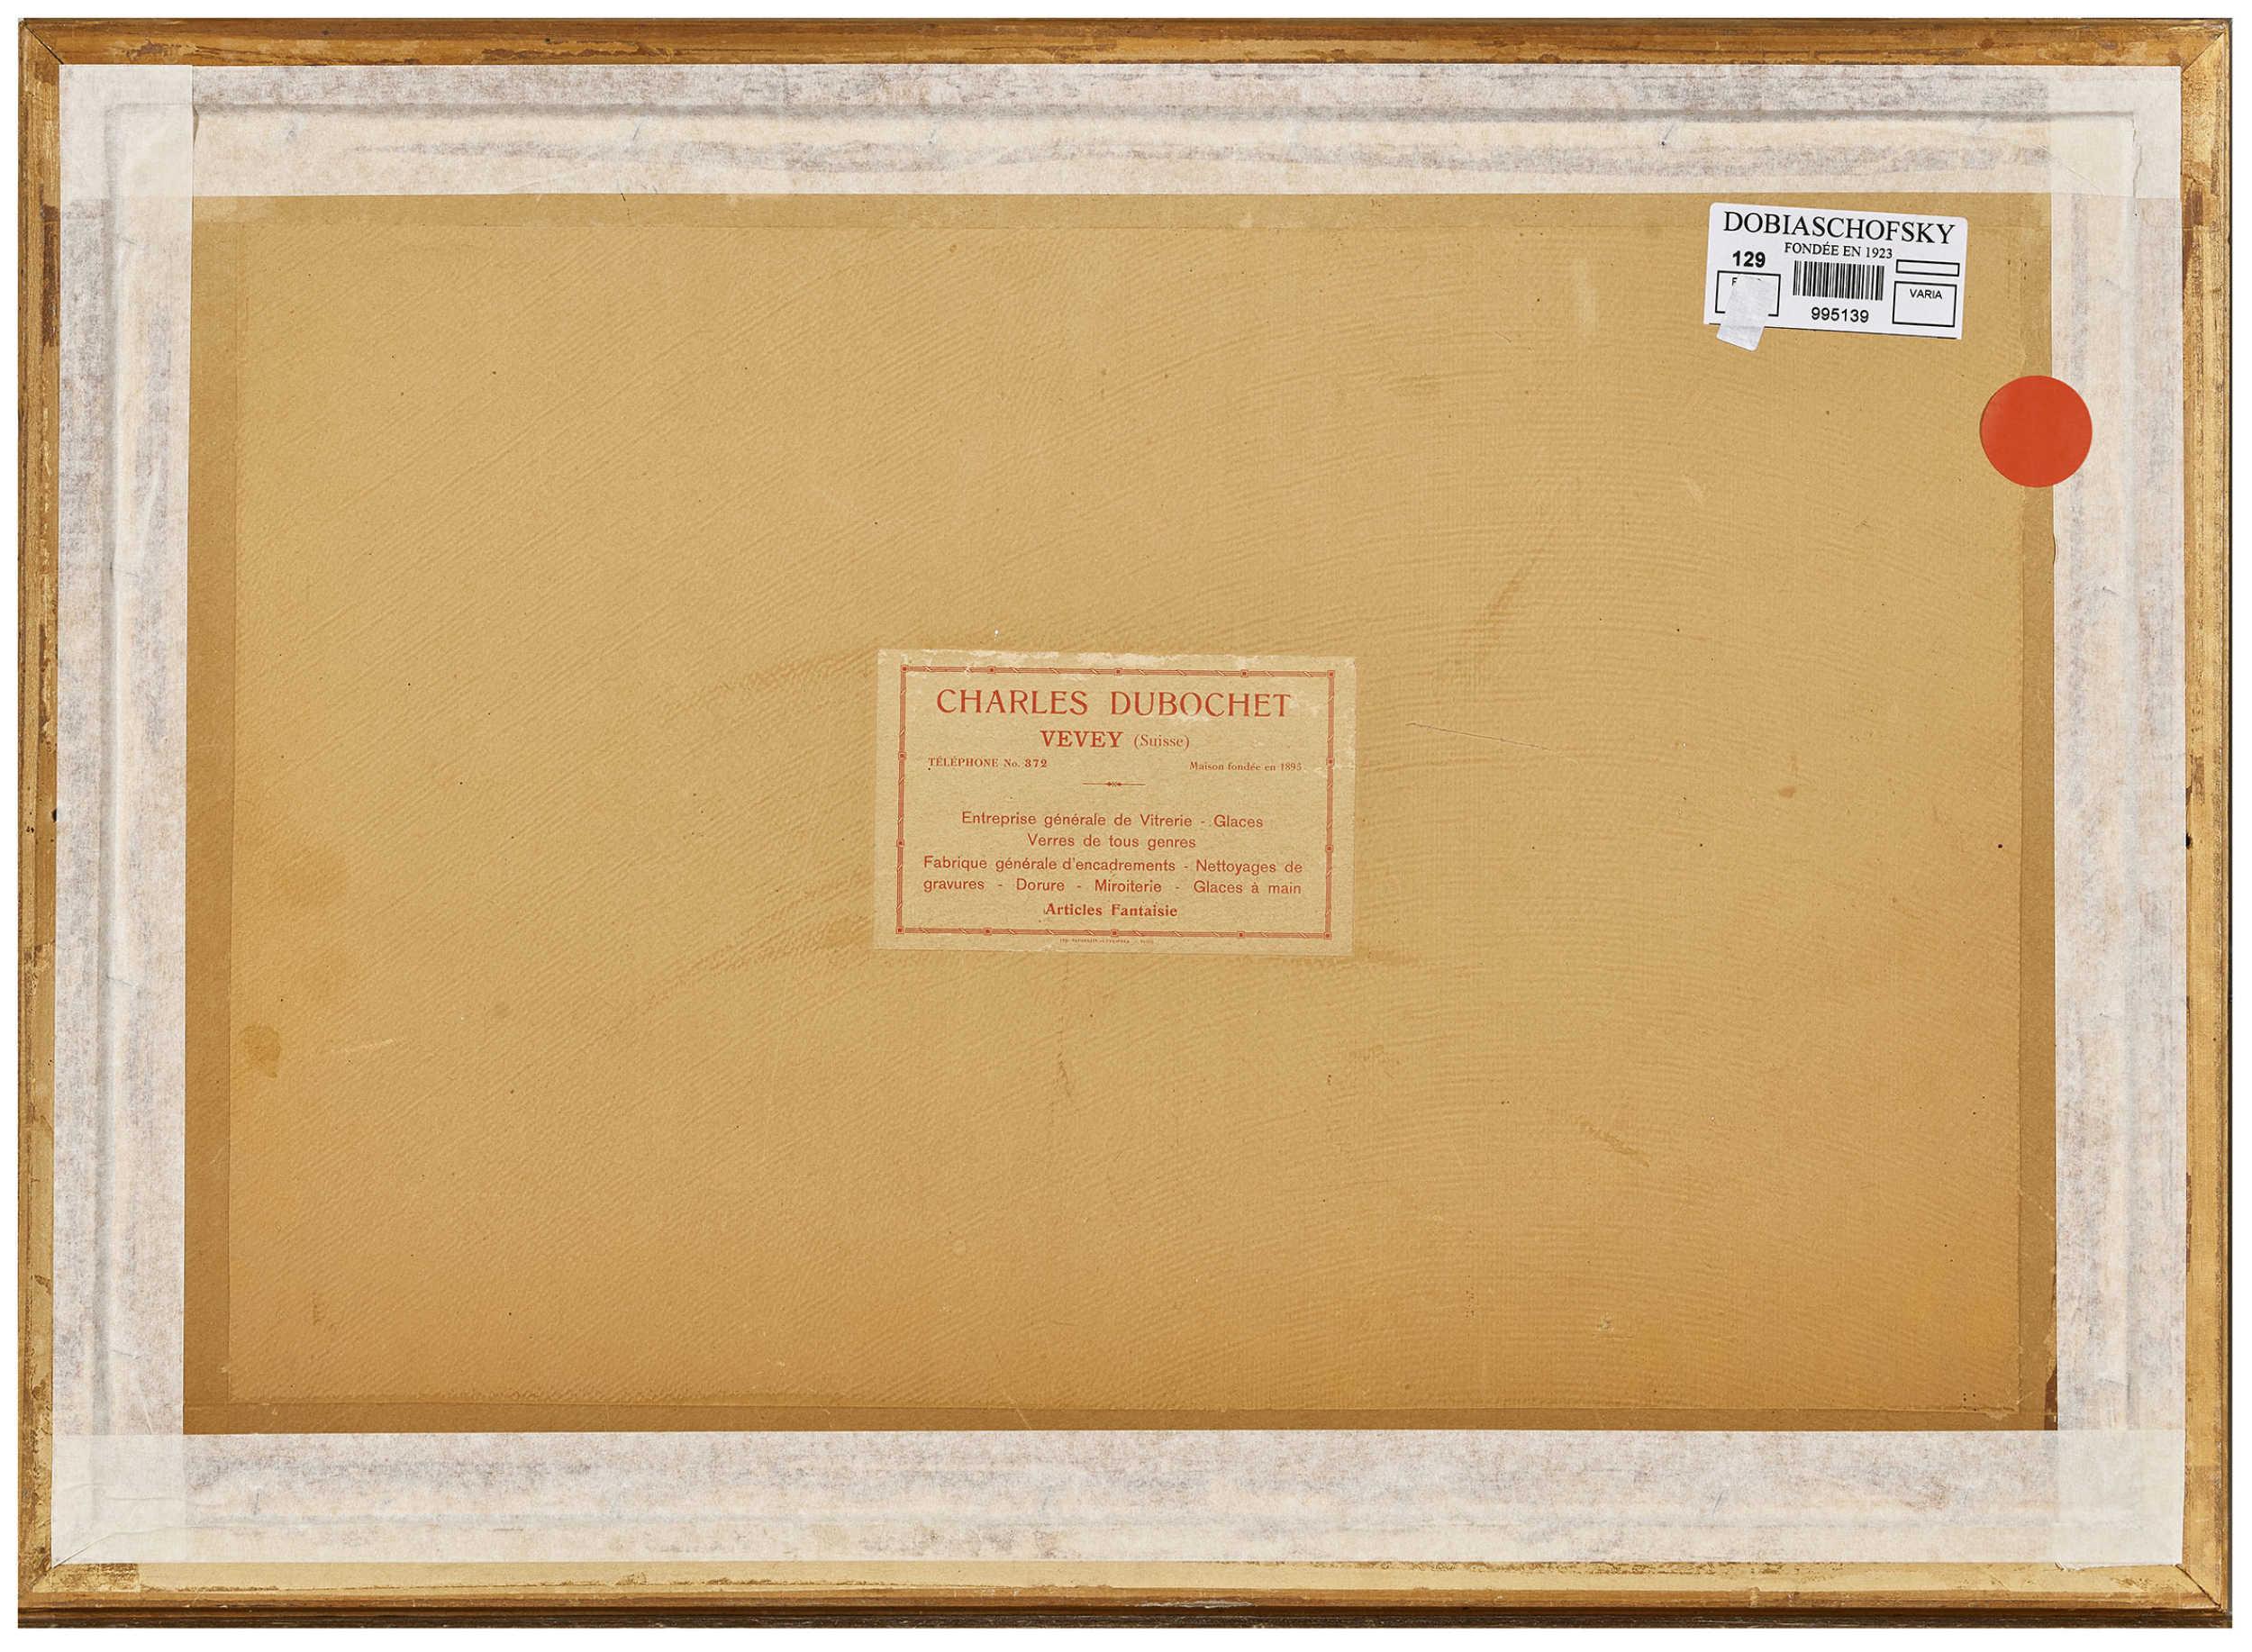 Lot 55 - BIÉLER, ERNESTRolle 1863 - 1948 LausanneLe chevrier.Aquarell und Tusche auf Papier, sig. u.r.,